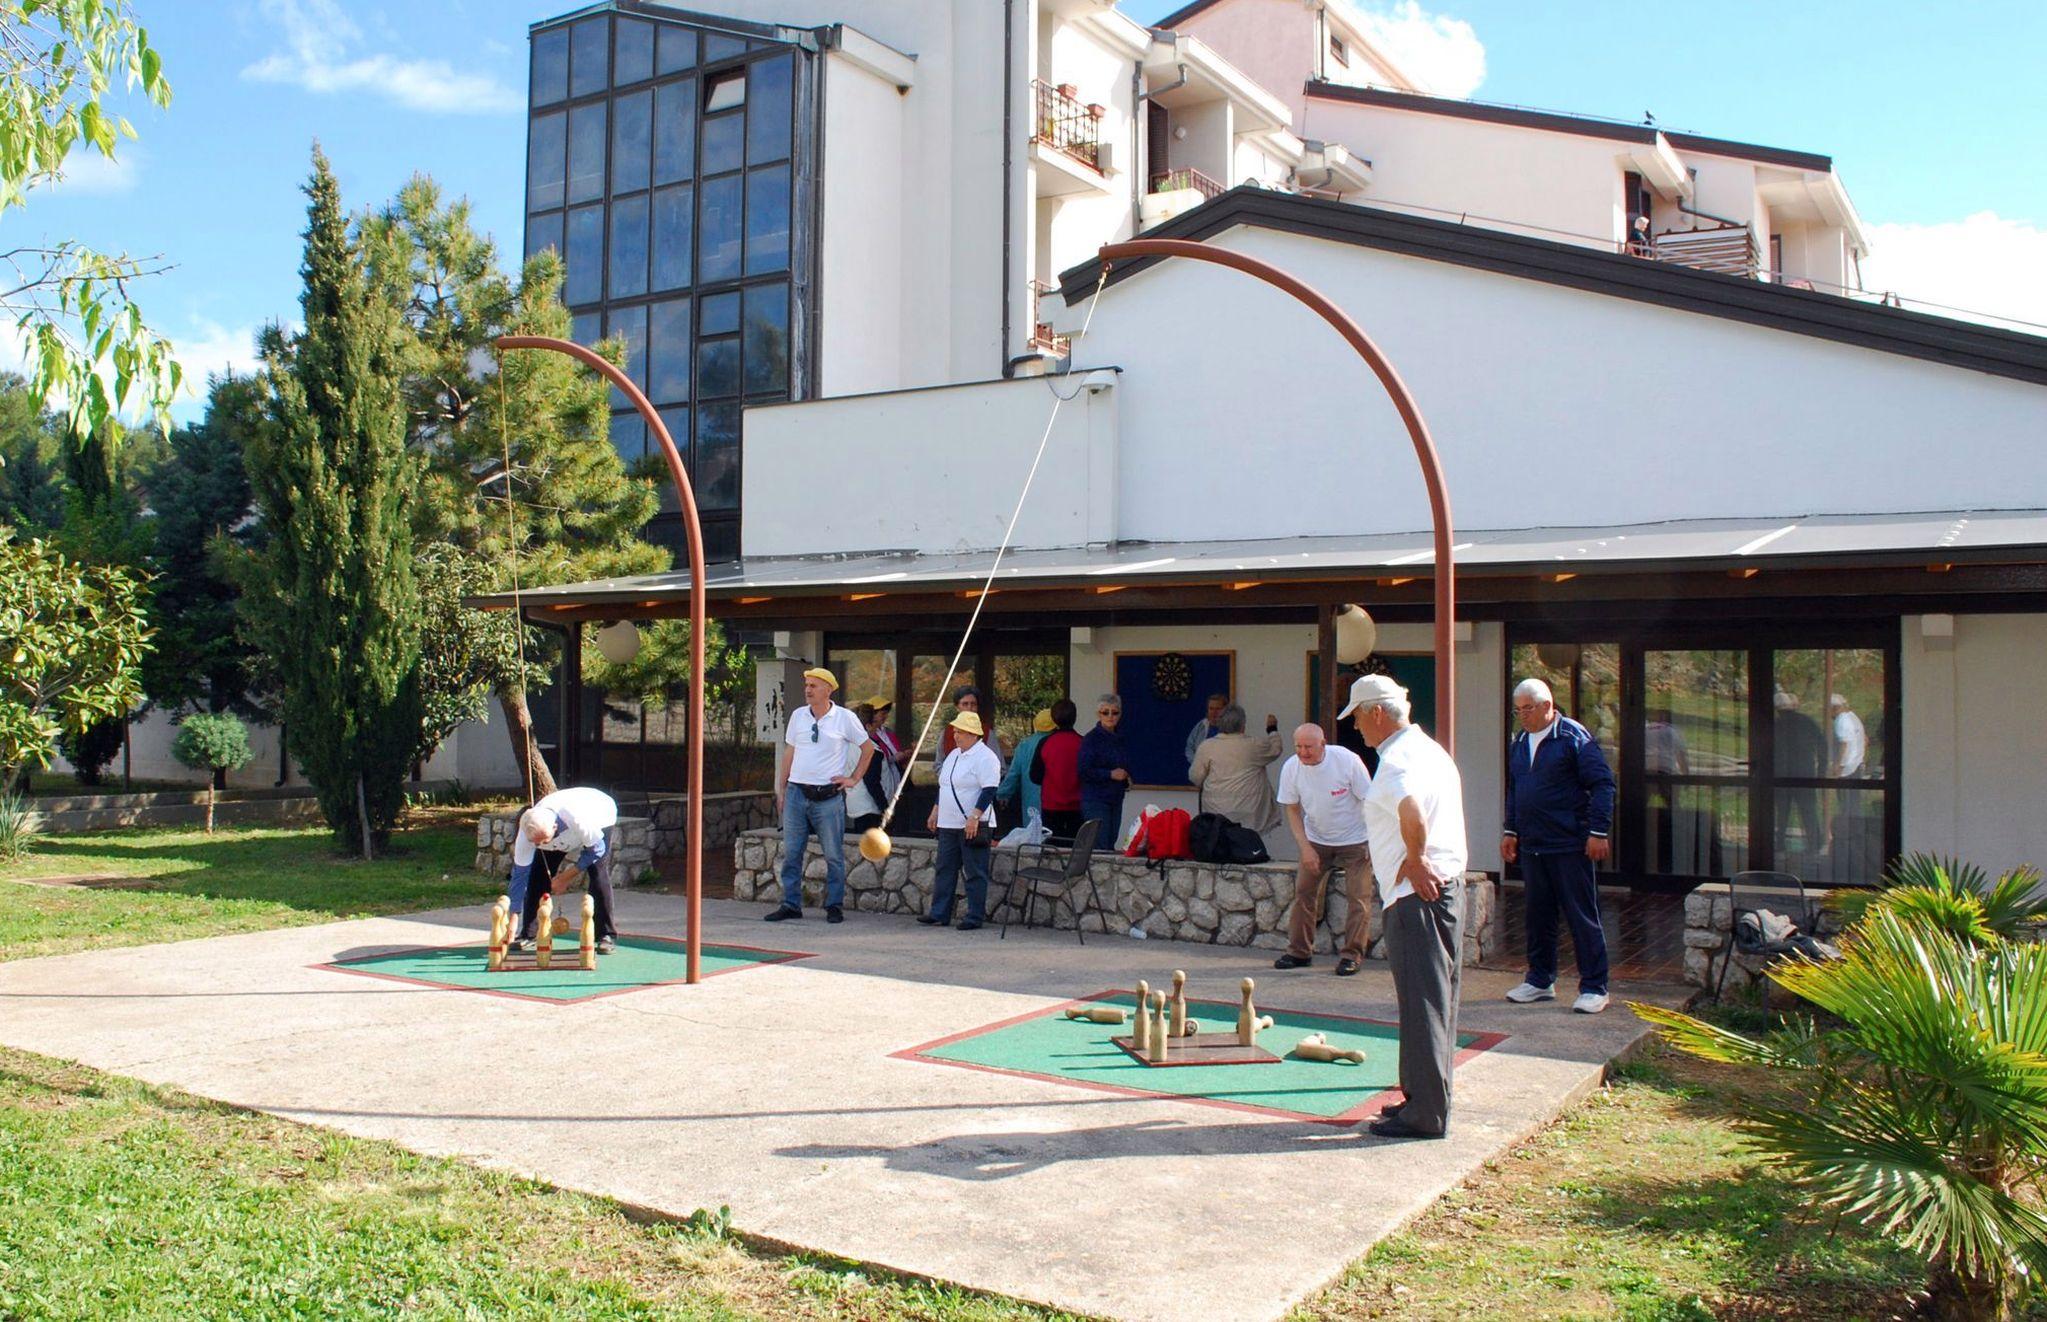 Već tradicionalni sportski susreti umirovljenika u Malom Kartecu, uz ostala postignuća, ravnatelju Pokrajčiću donijeli prestižnu nagradu / foto Mladen TRINAJSTIĆ